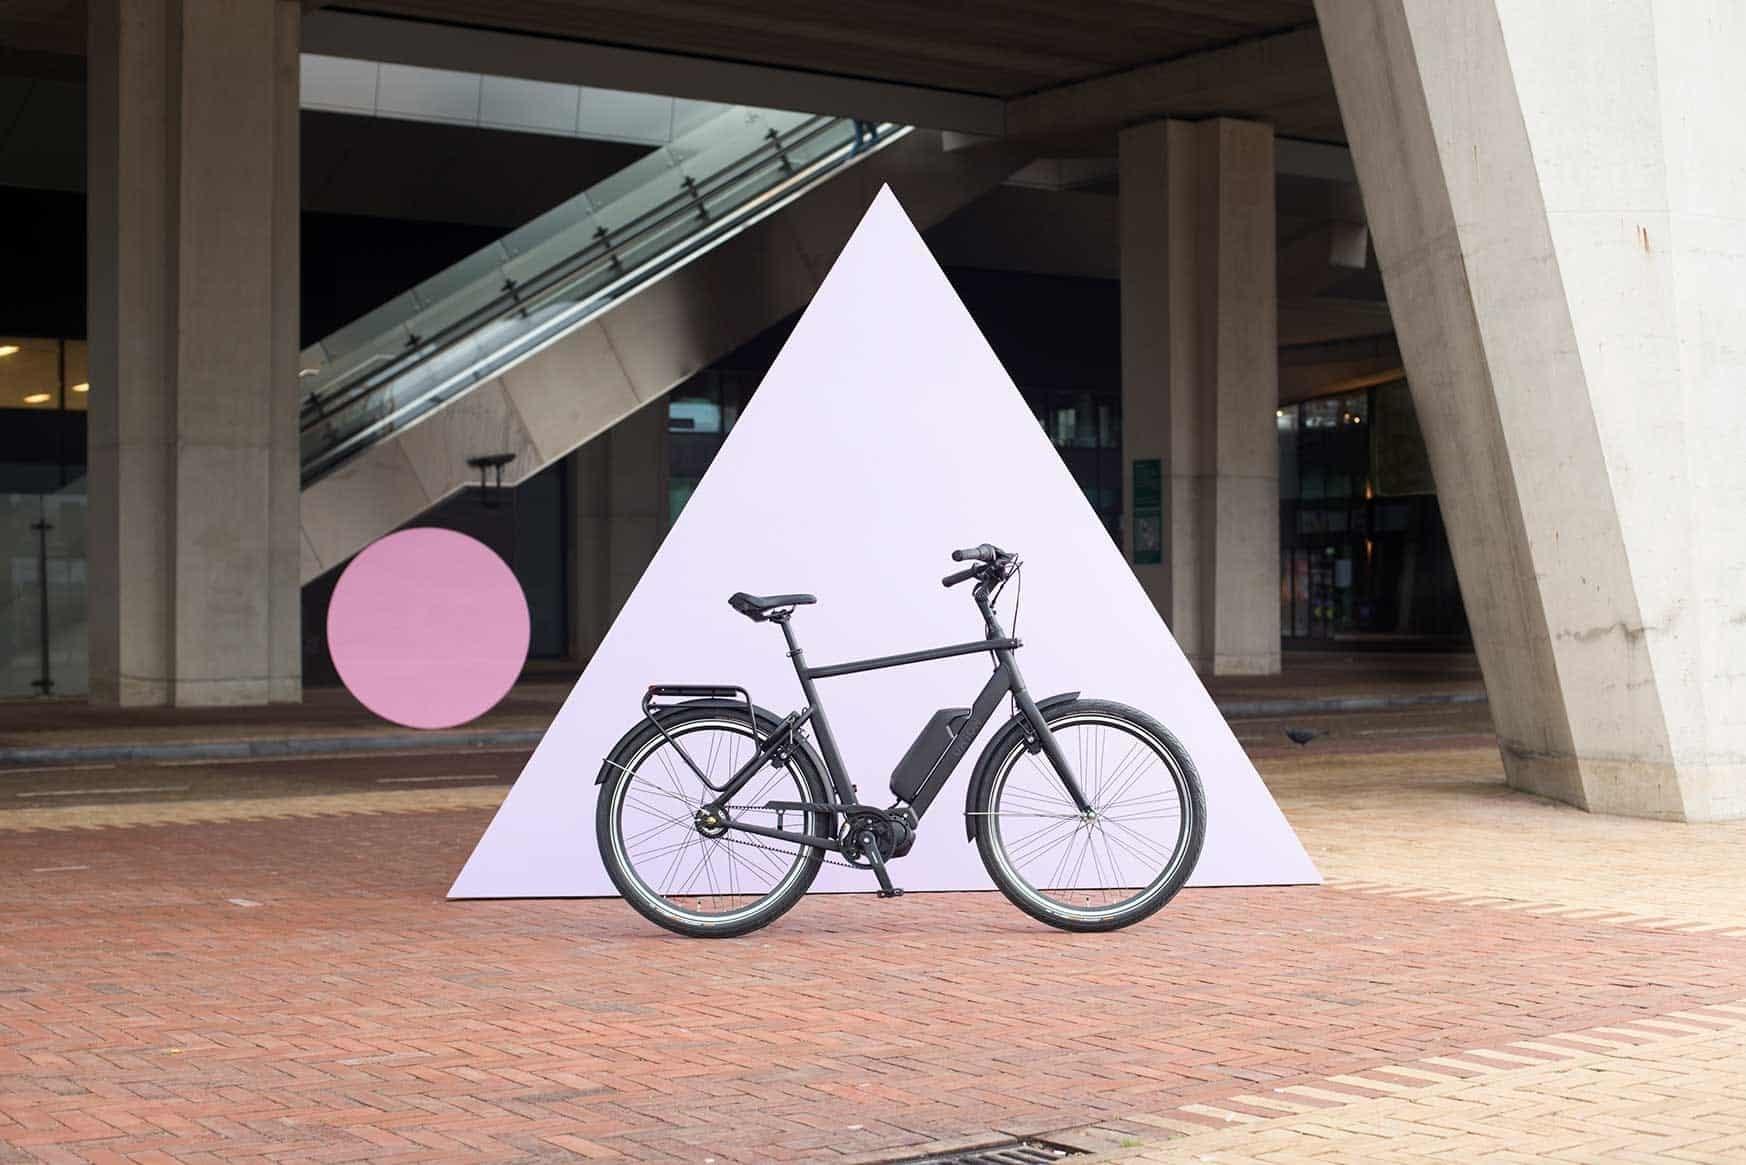 Union e-bike